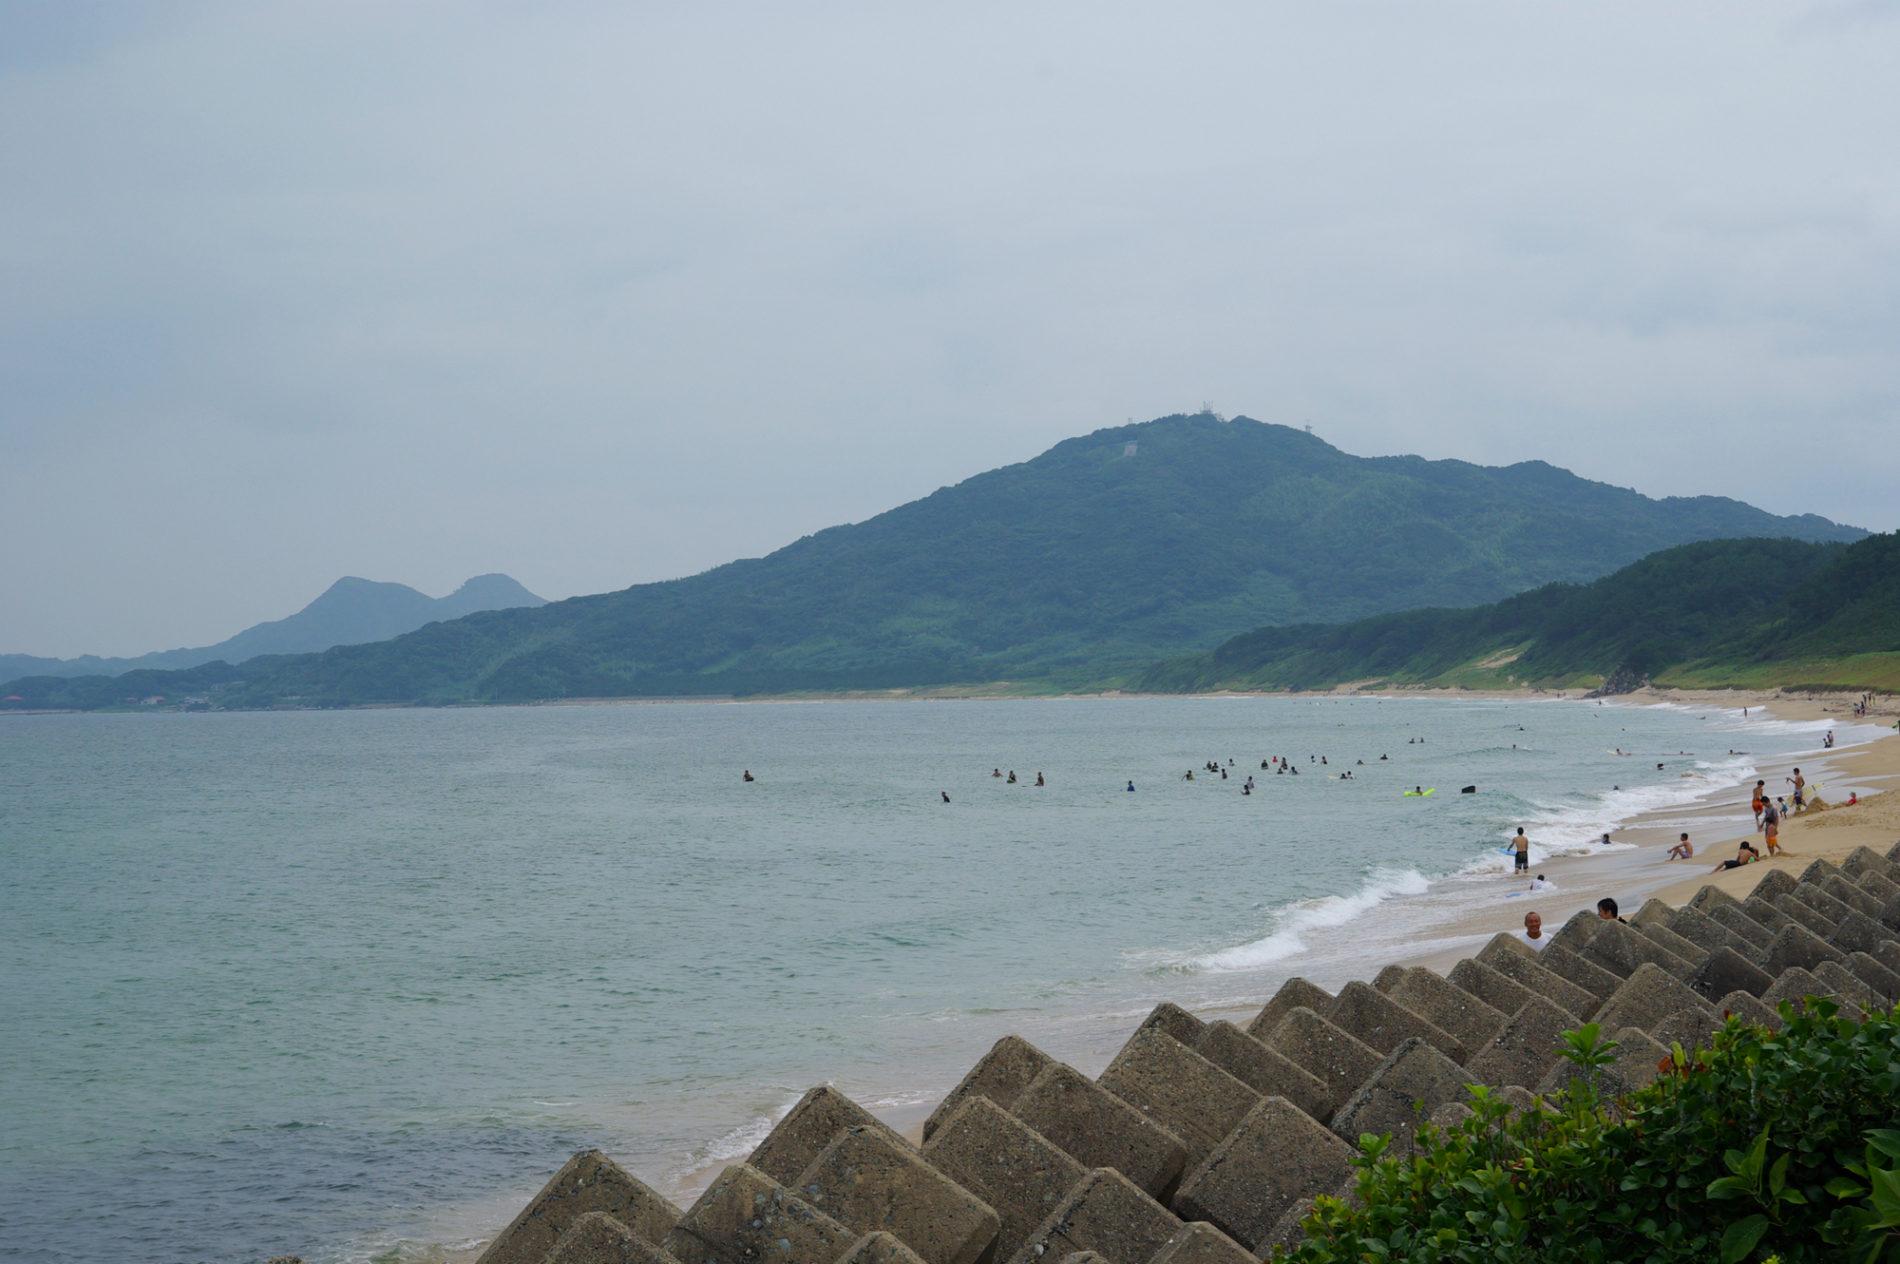 波乗りがいる福岡県糸島市の海岸の風景